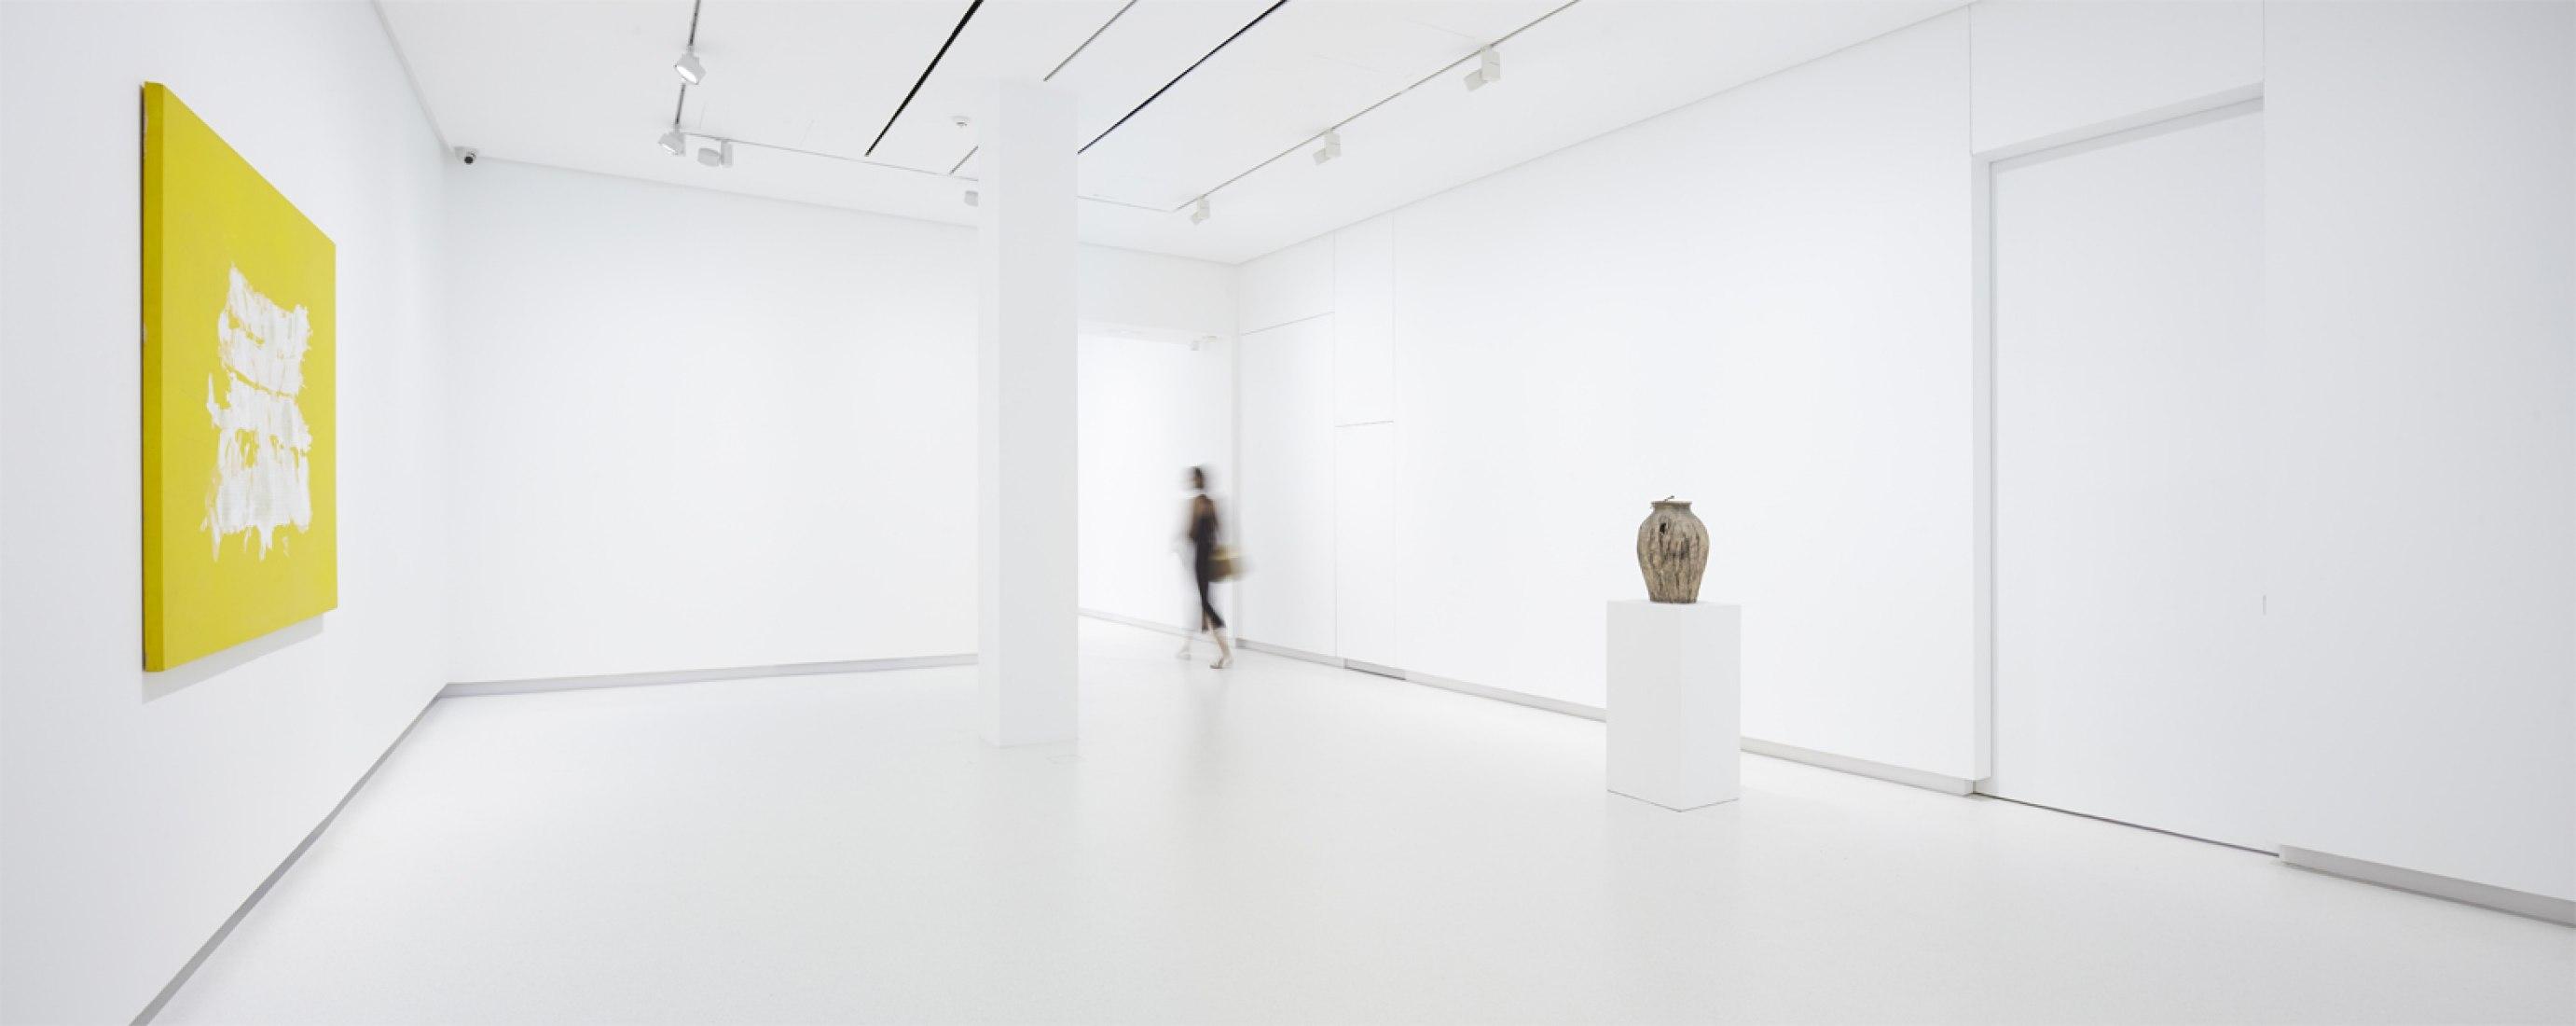 Nueva sede de la Galería Elvira González por Marcos Corrales Lantero. Imagen interior. Fotografía © Cuauhtli Gutiérrez.